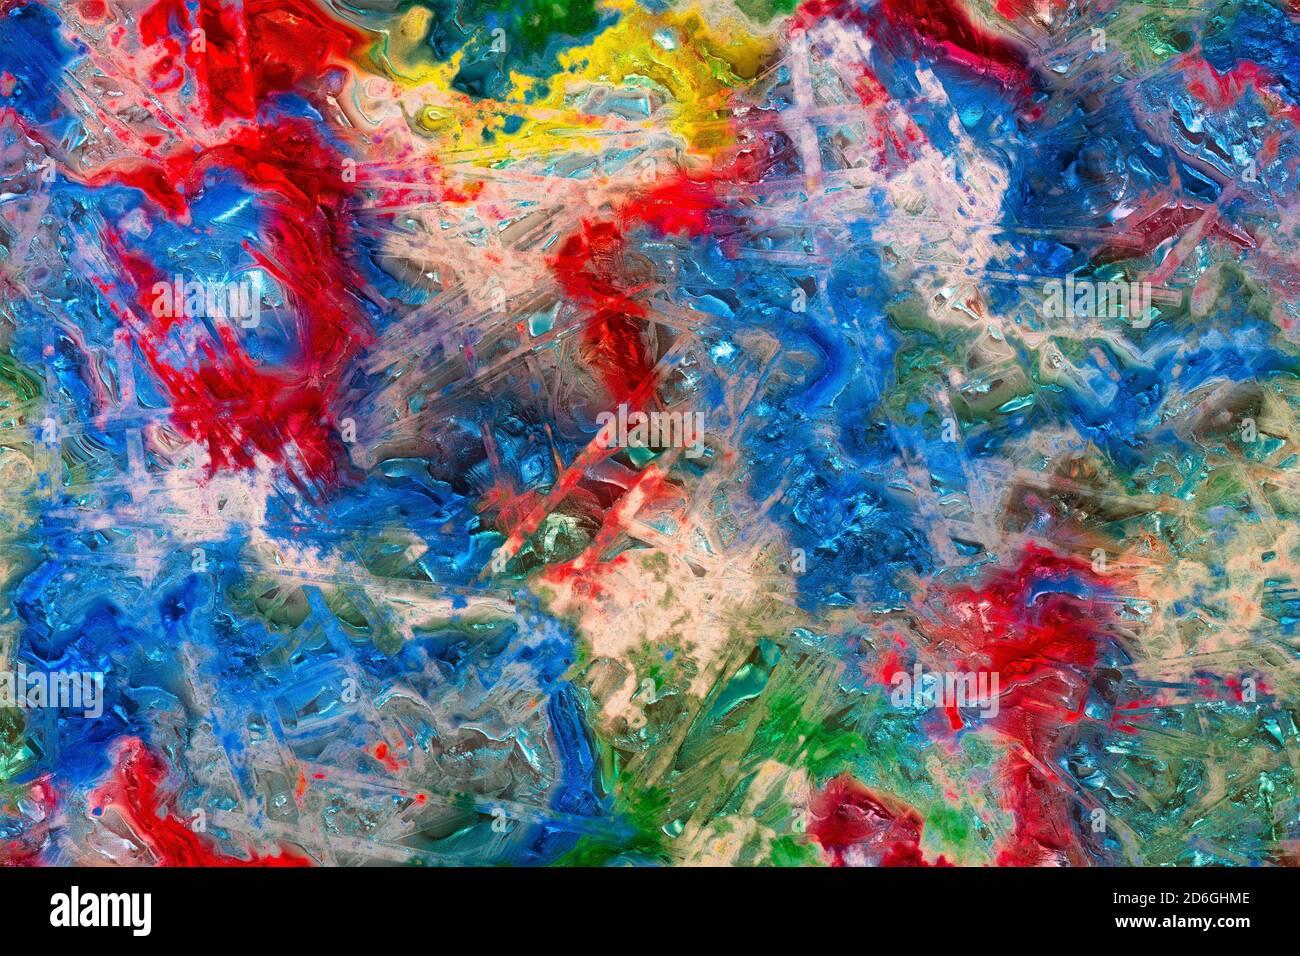 Sfondo astratto con un mix di macchie colorate e linee geometriche irregolari. Miscela di colori in una texture multicolore di plastica o aspetto gemma. Foto Stock